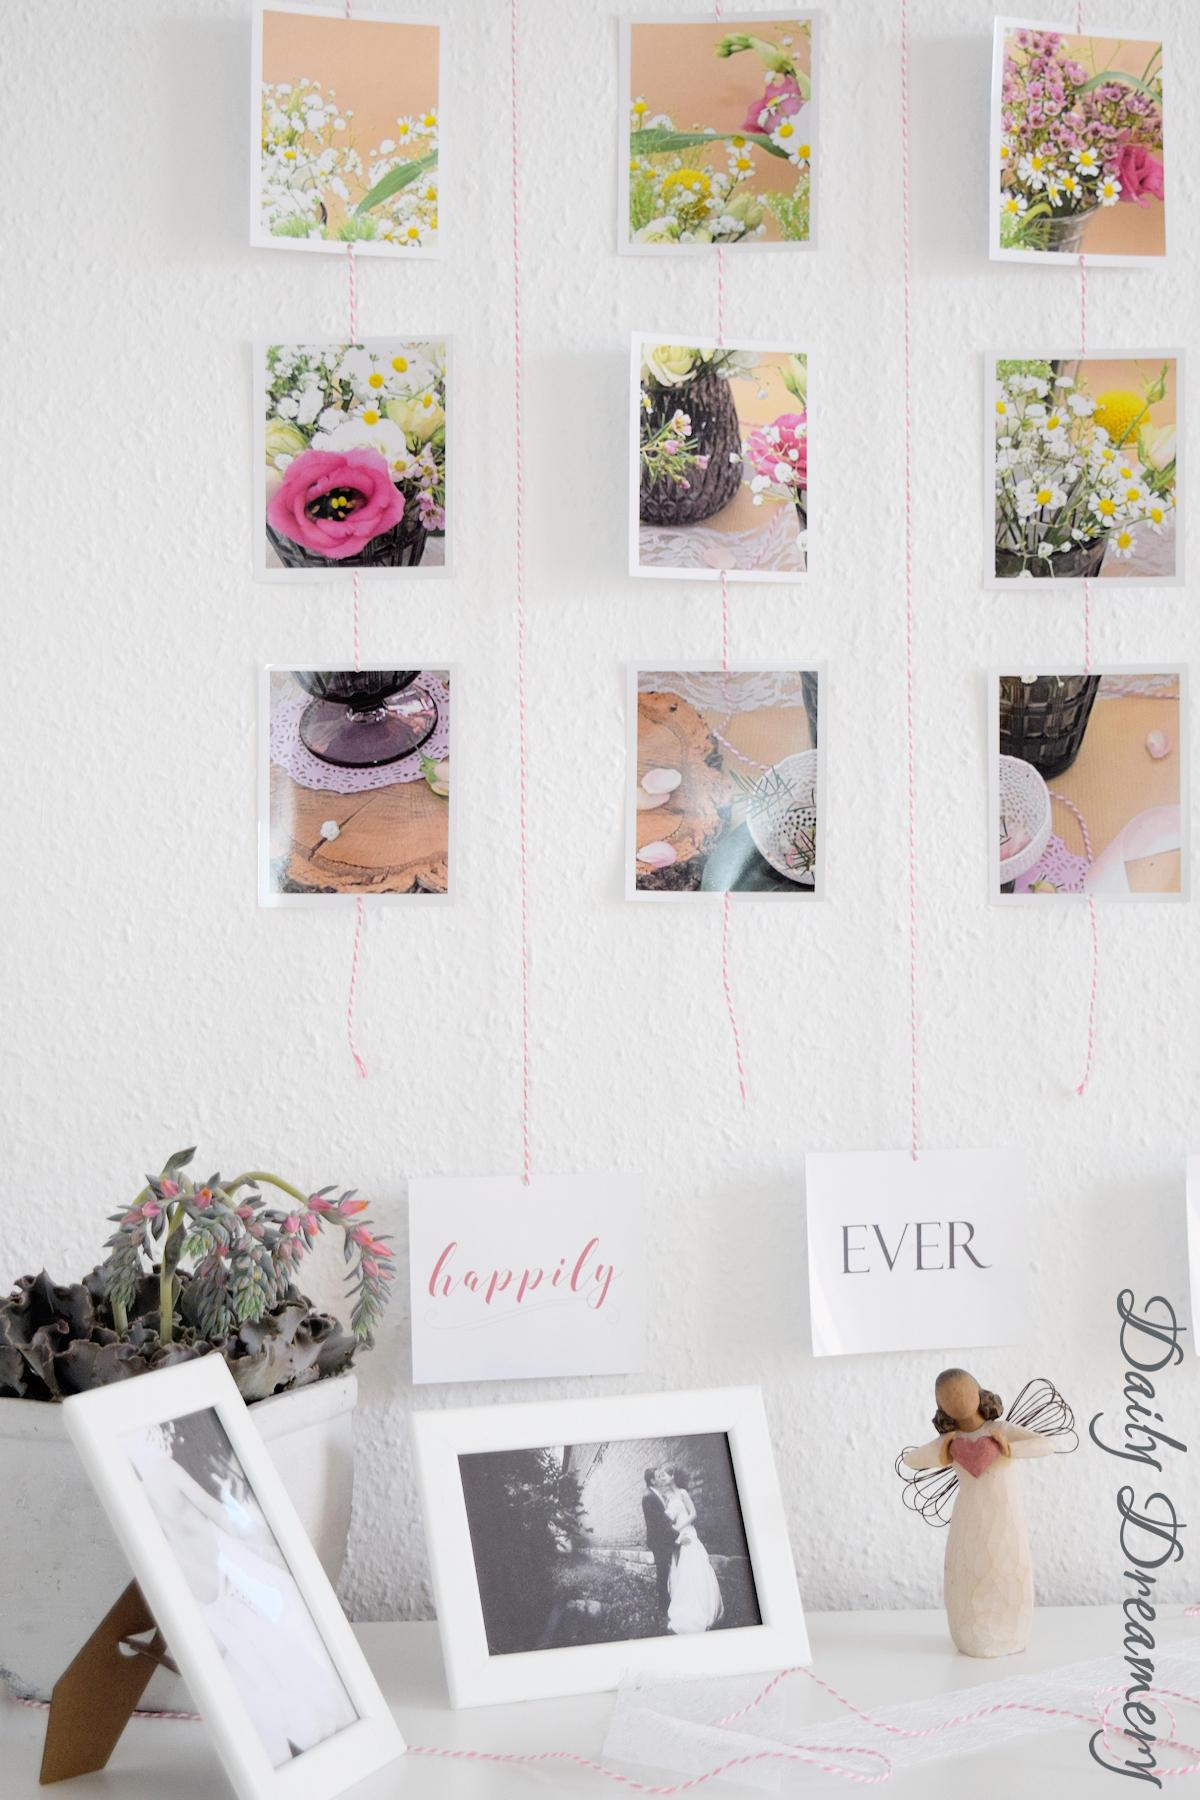 Hochzeitsfotos als DIY-Wanddekoration mit posterXXL - Wandbehang aus Fotos #diy #fotos #wanddekorationHochzeitsfotos als Wanddekoration mit posterXXL - Wandbehang aus Fotos #diy #fotos #wanddekoration